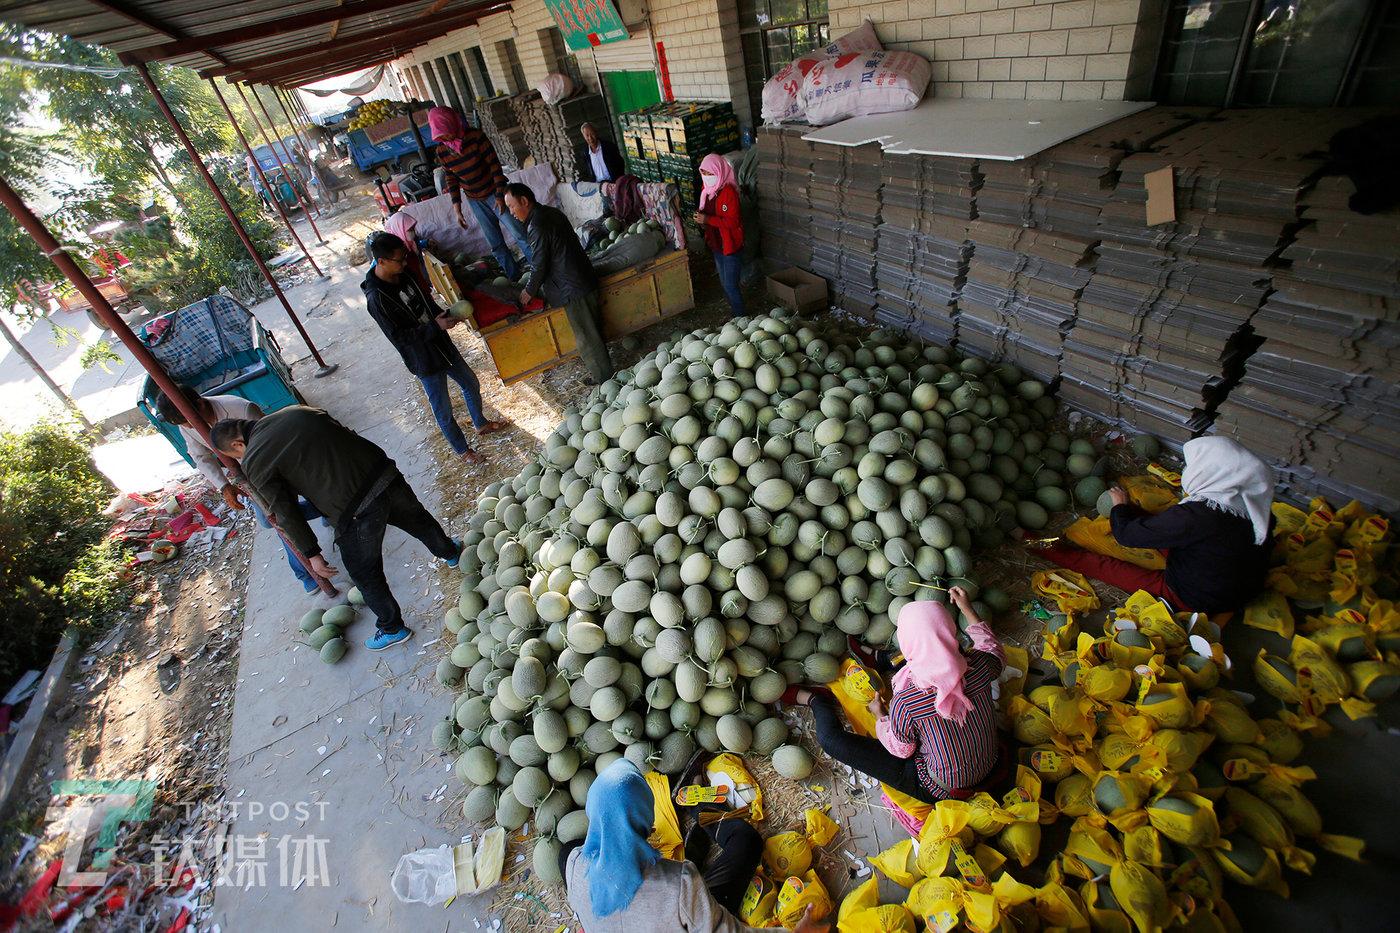 一位杭州水果收购商的档口,薛志明刚刚卸完一车瓜,包装工就开始打包装箱。